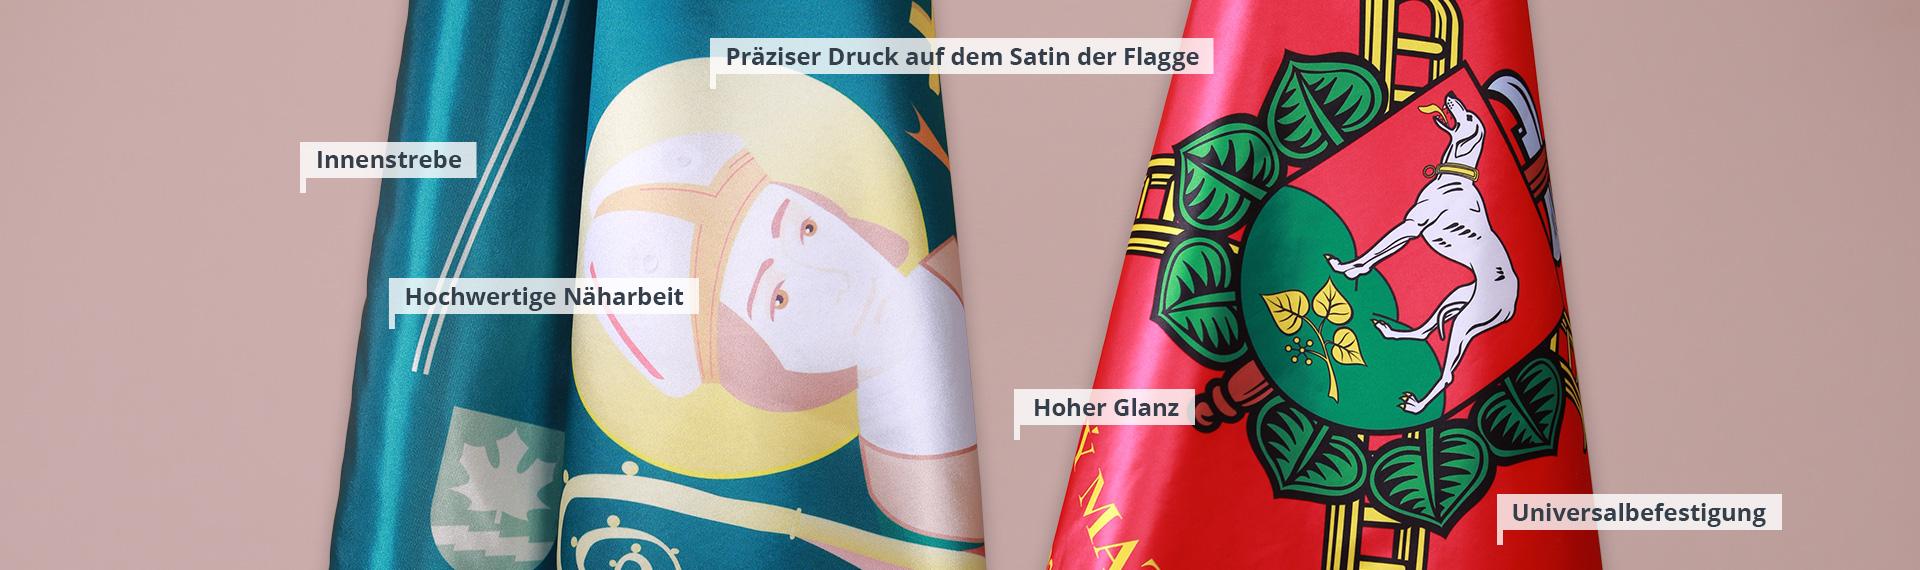 Bedruckte Fahnen und Flaggen aus Satin